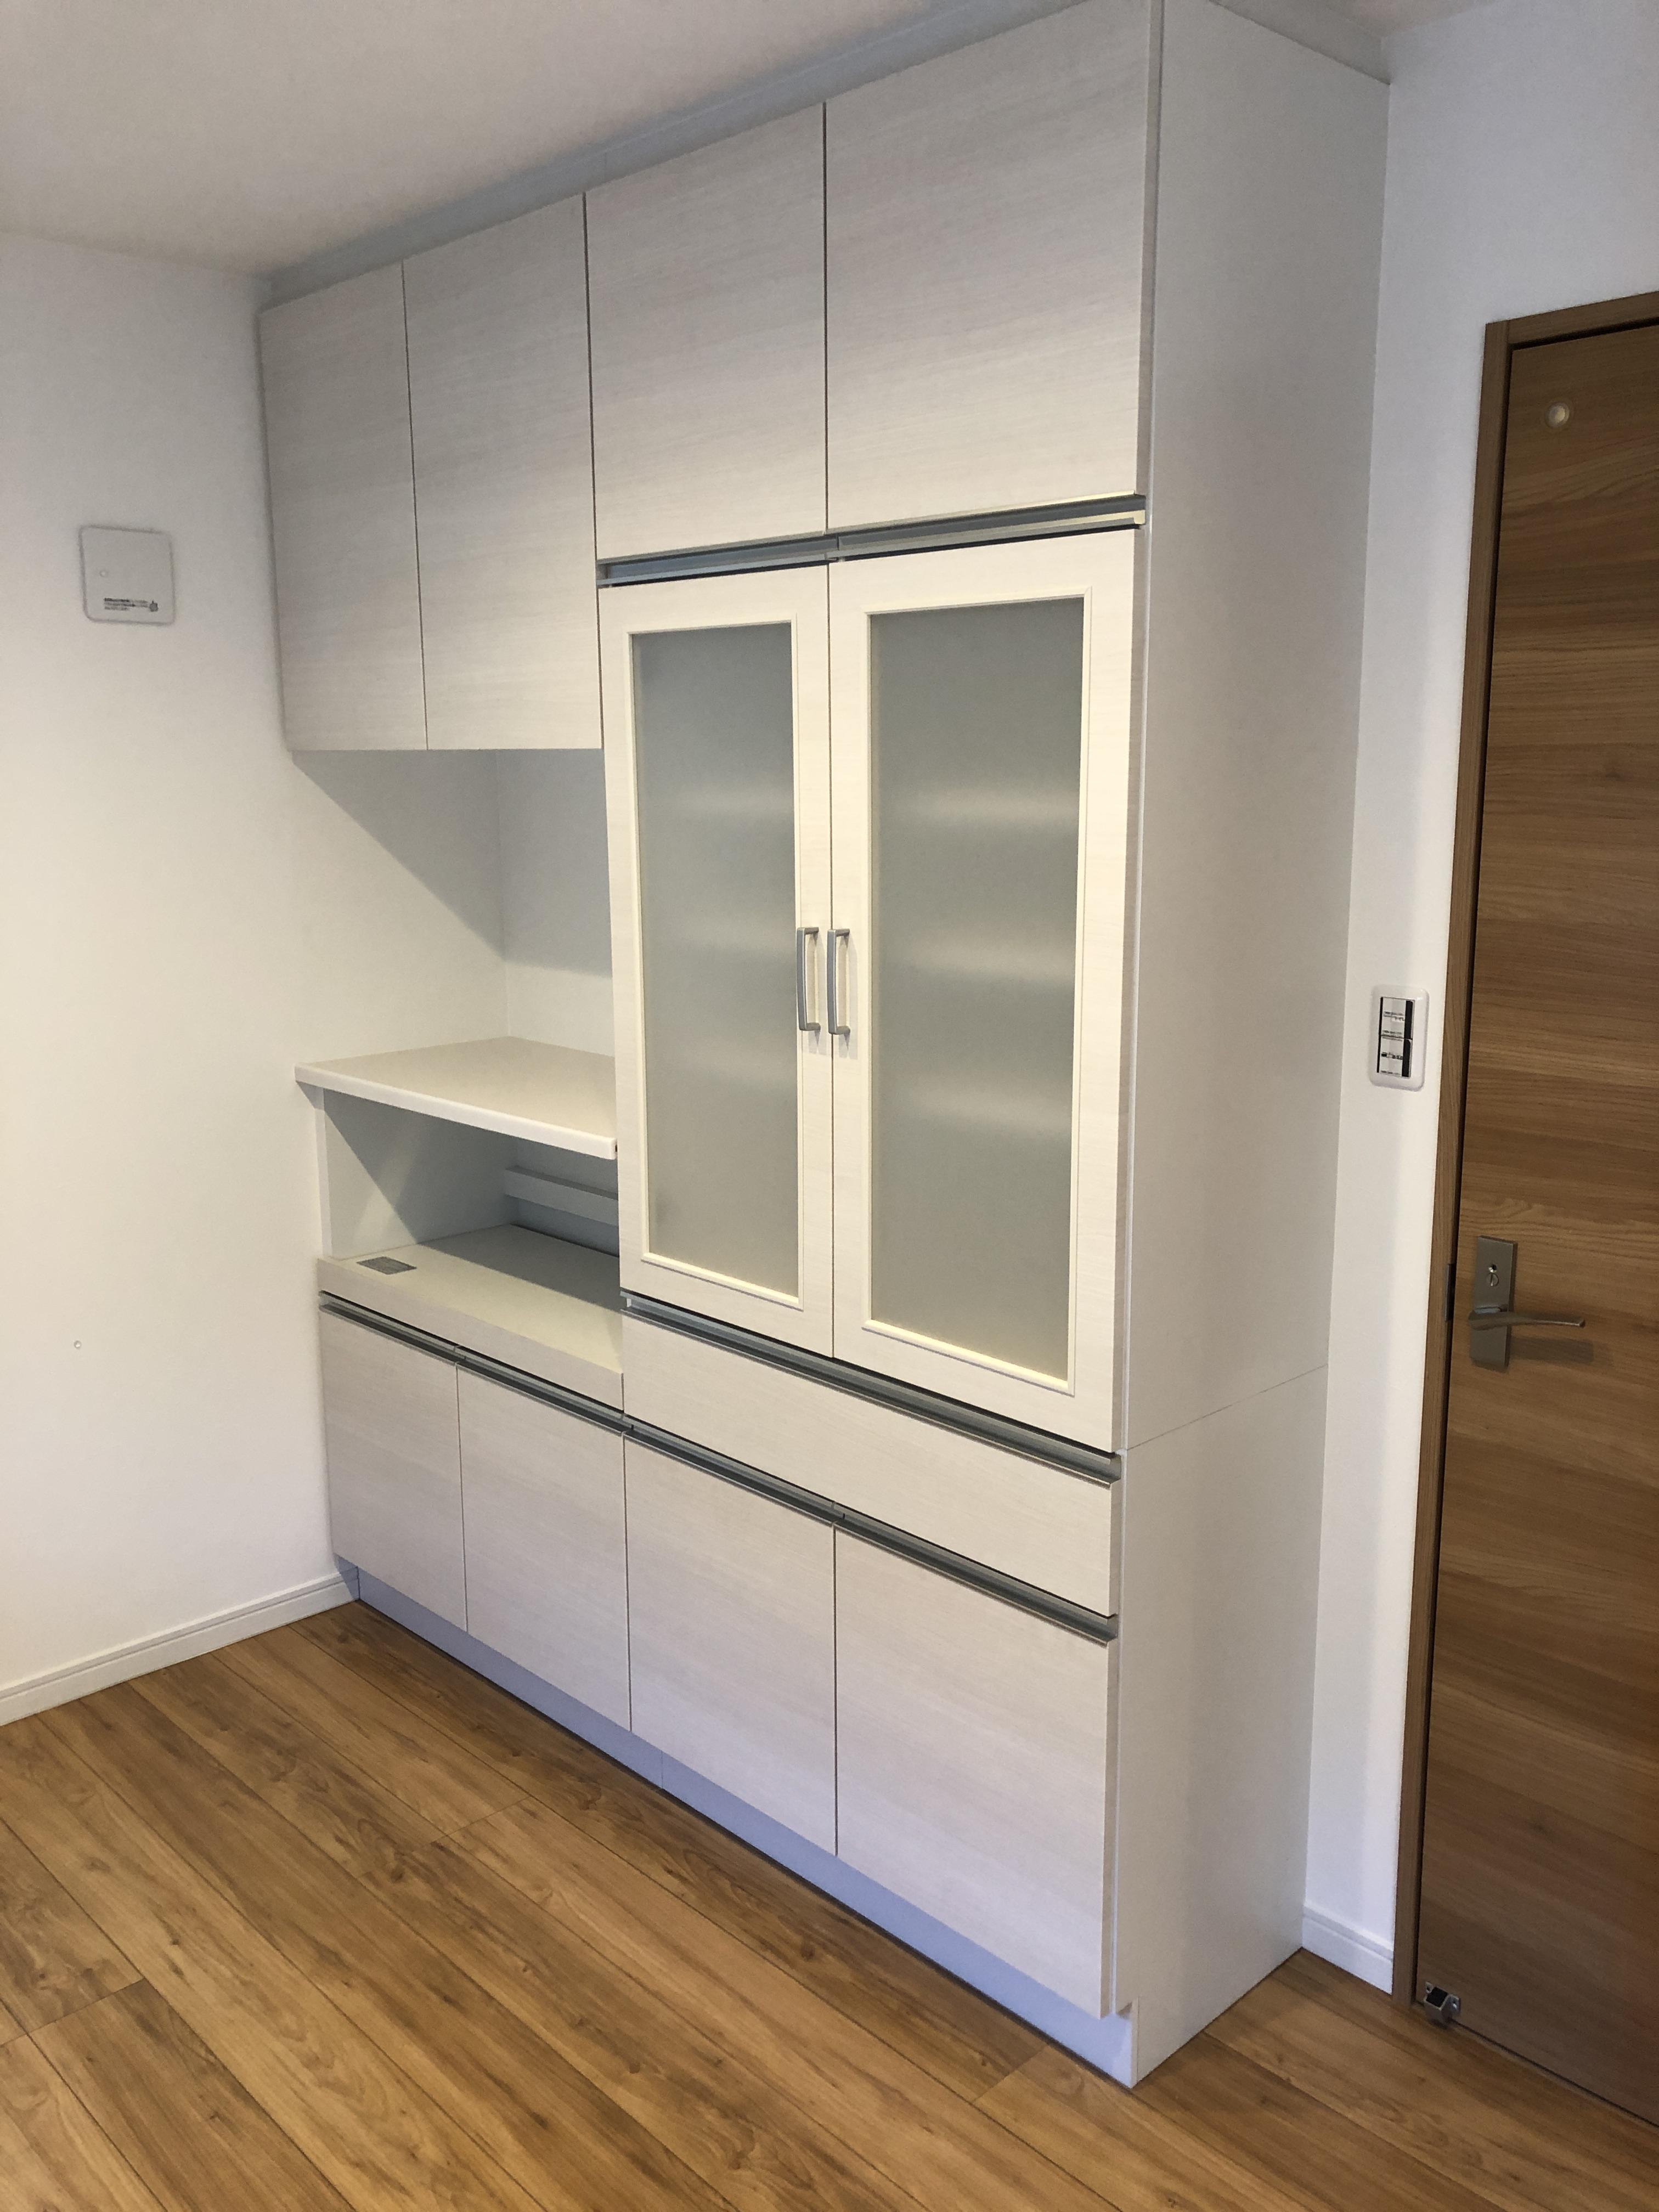 食器棚は据え置き型